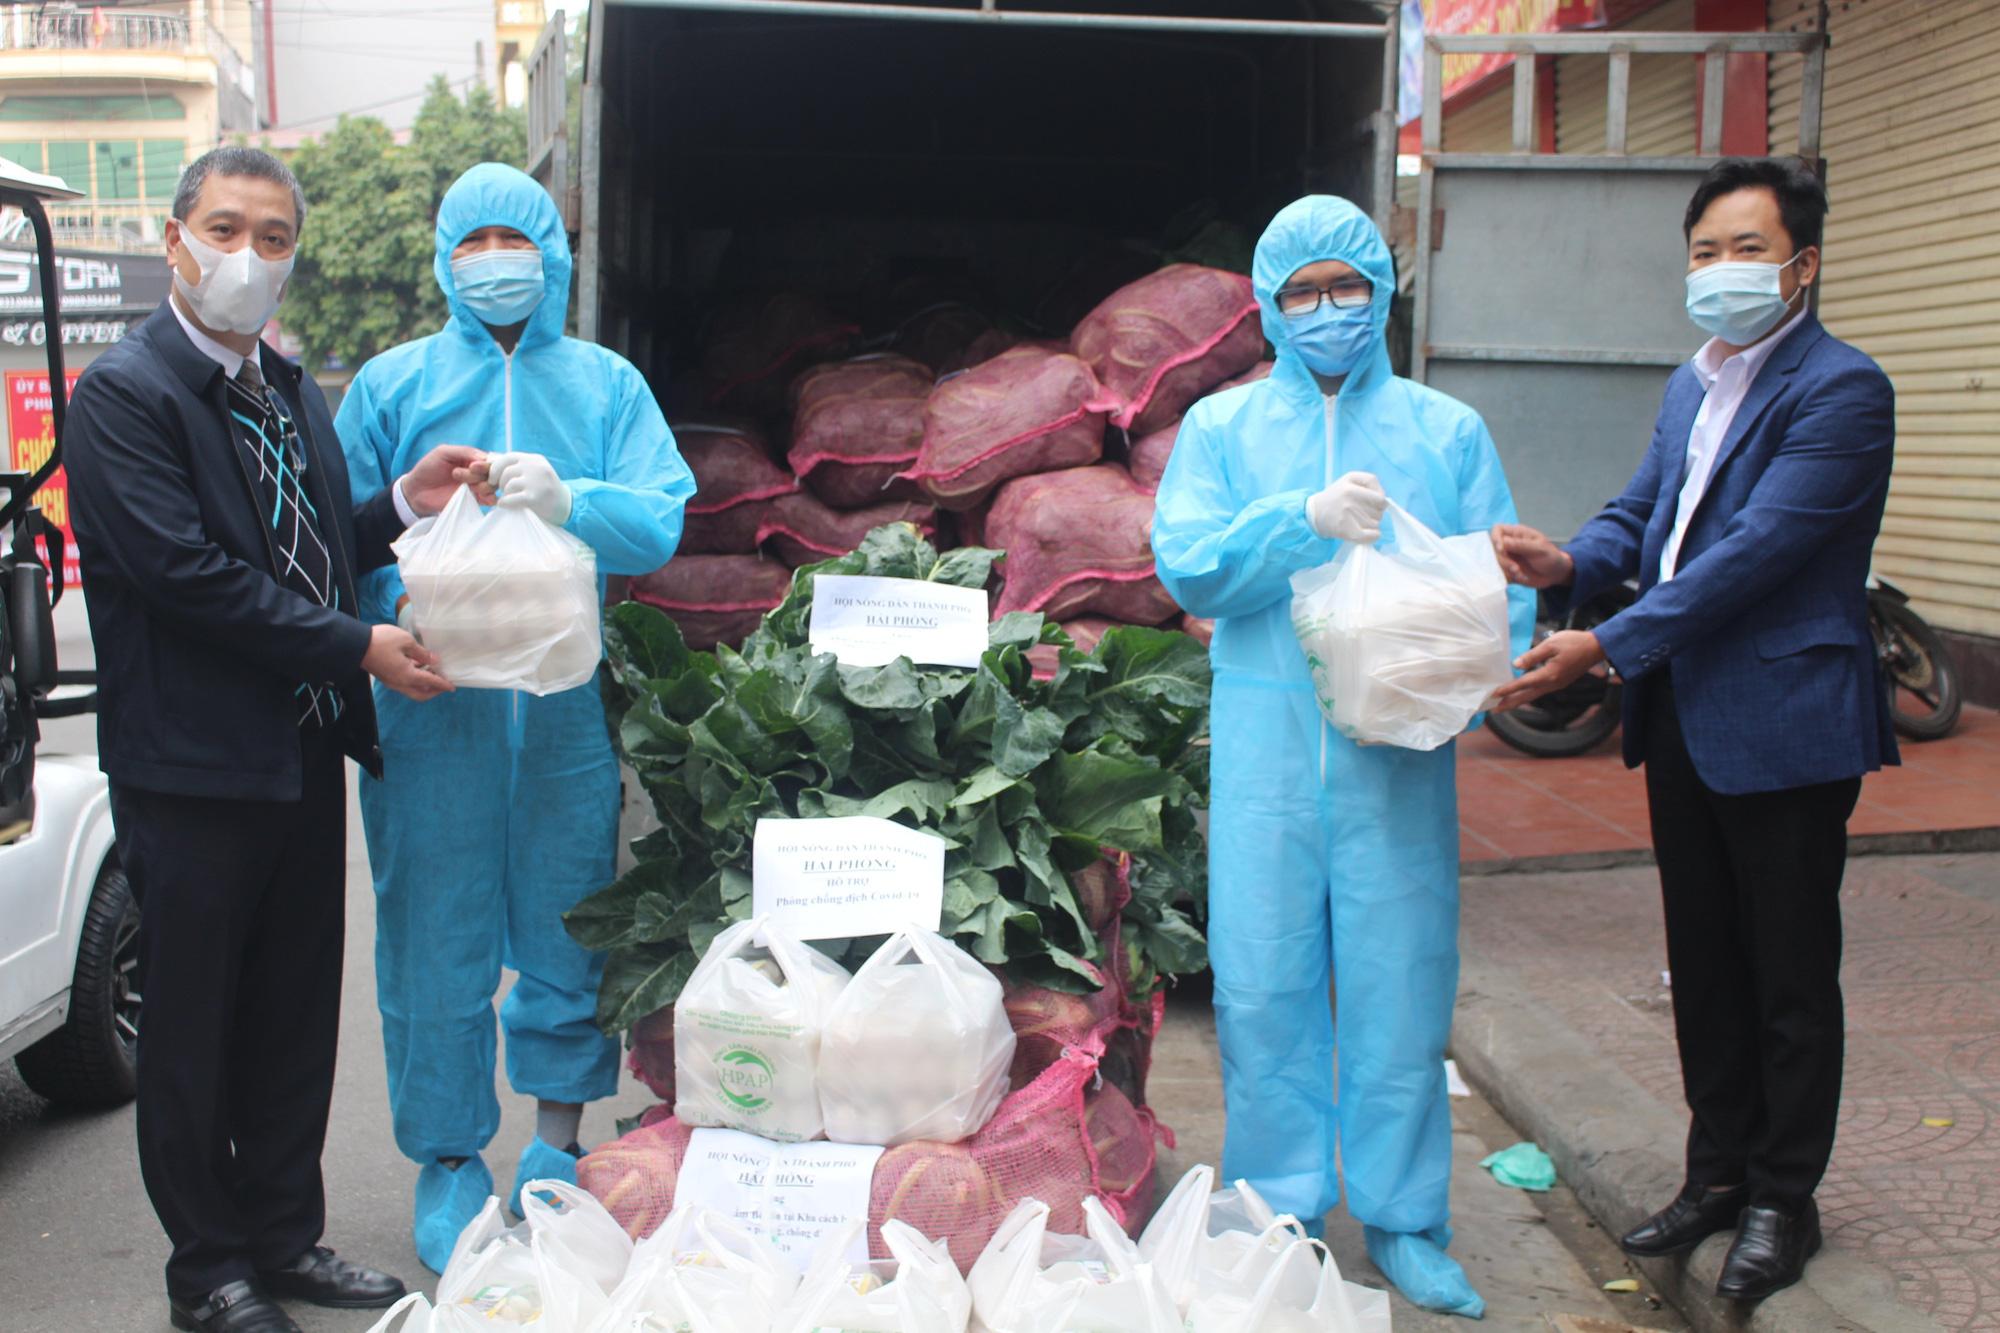 Thủ lĩnh nông dân Hải Phòng: Trình làng chương trình hành động gì để được dân bầu đại biểu HĐND - Ảnh 8.